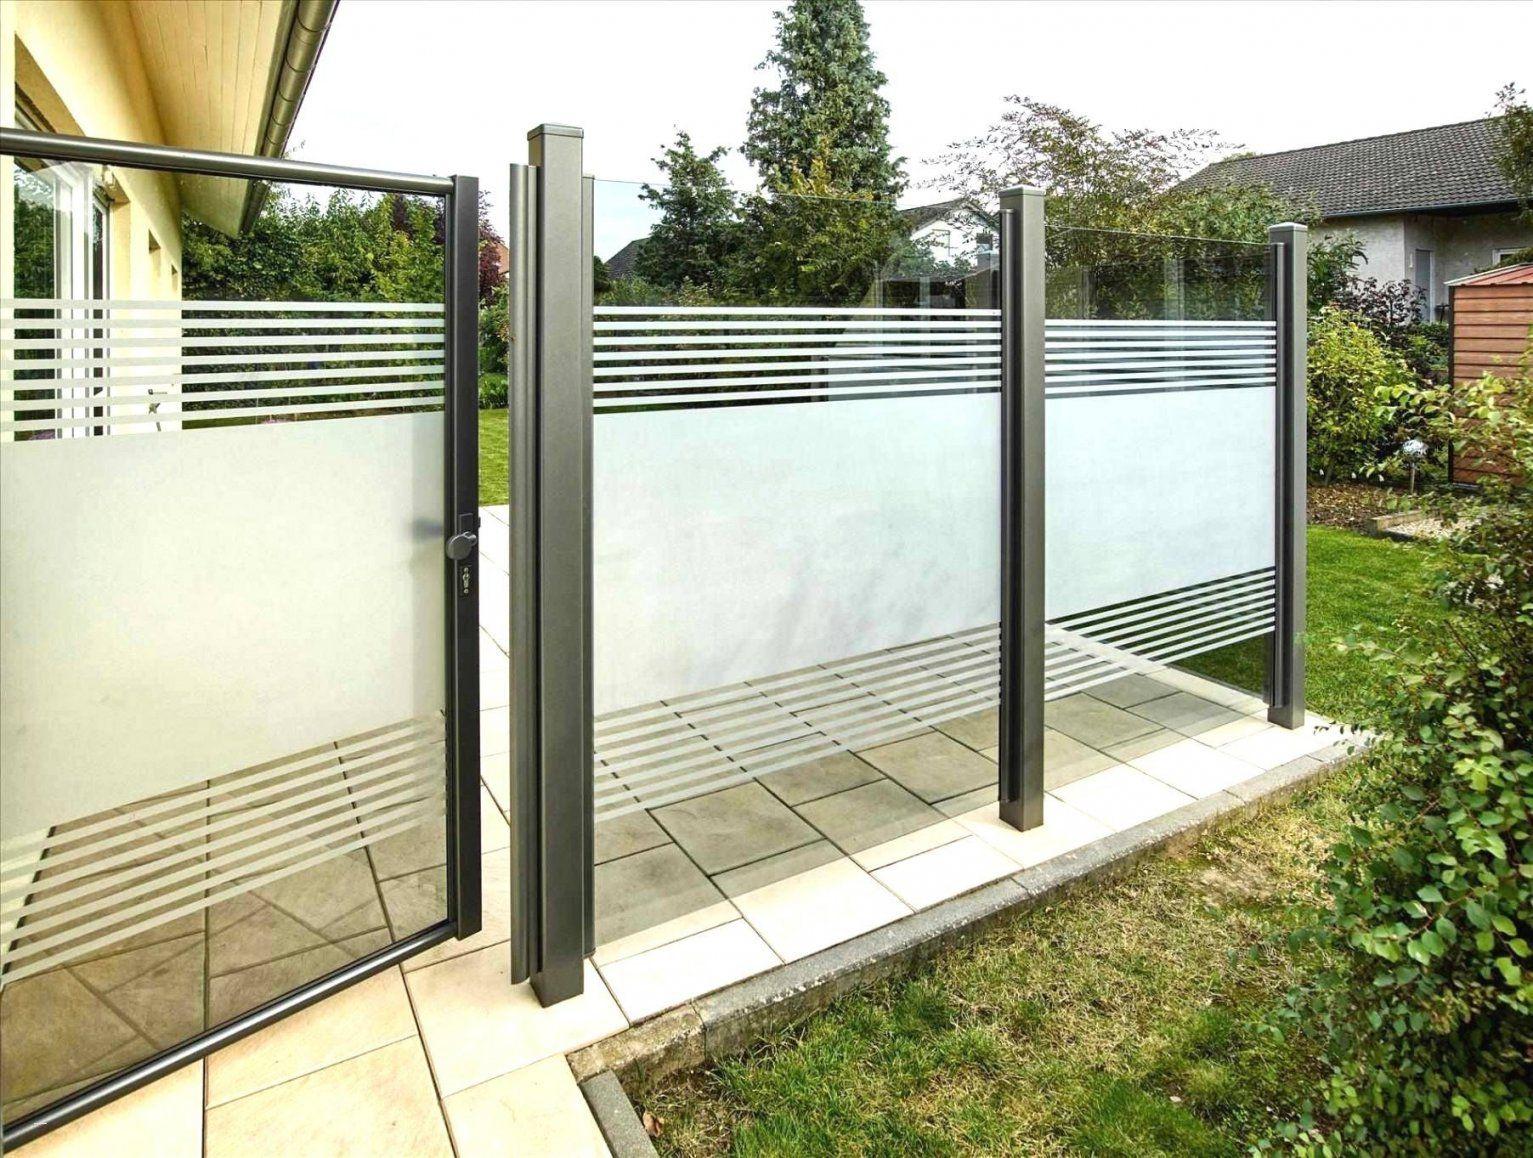 terrassen sichtschutz selber bauen haus design ideen. Black Bedroom Furniture Sets. Home Design Ideas